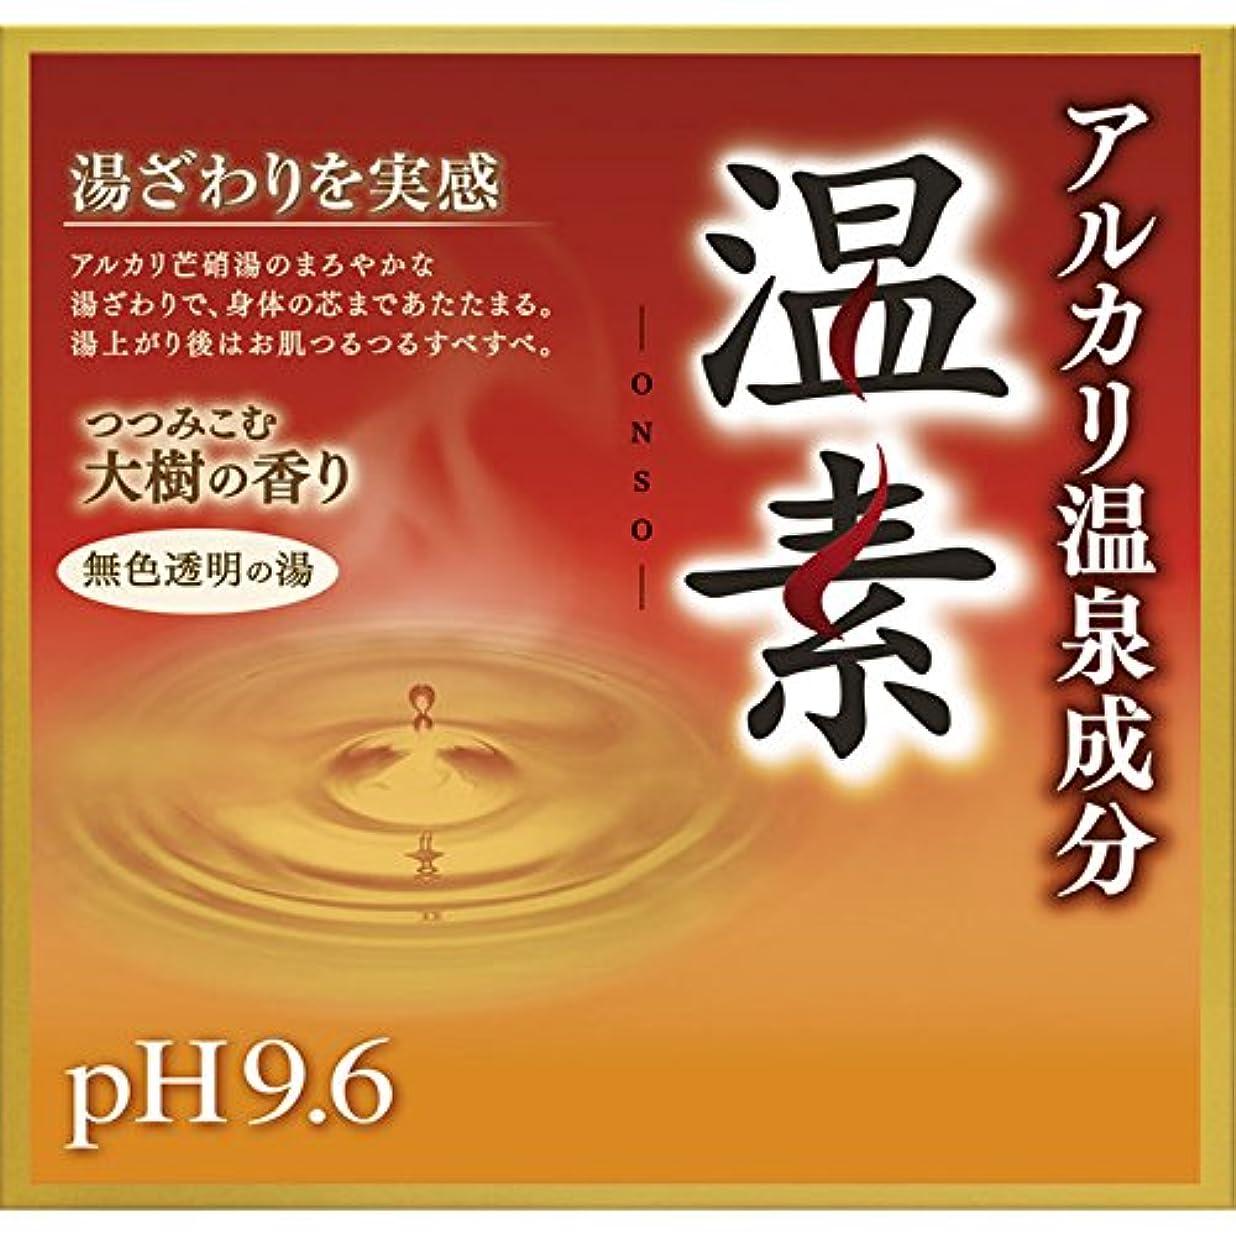 ケイ素放置意気揚々アース製薬 アルカリ温泉成分 温素 30g×15包